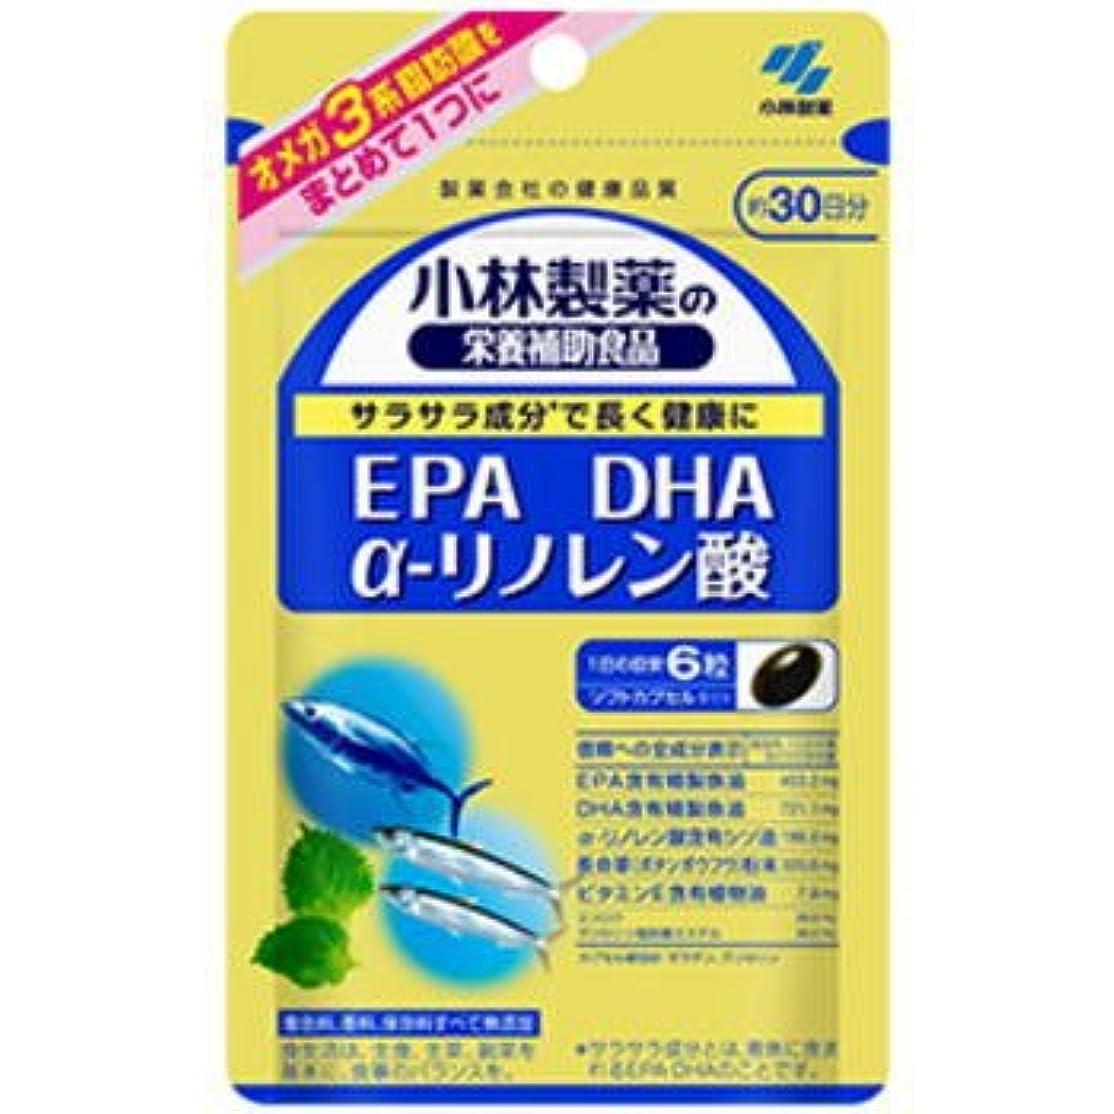 傑出したメンタリティバリア小林製薬 EPA DHA α-リノレン酸 180粒【ネコポス発送】